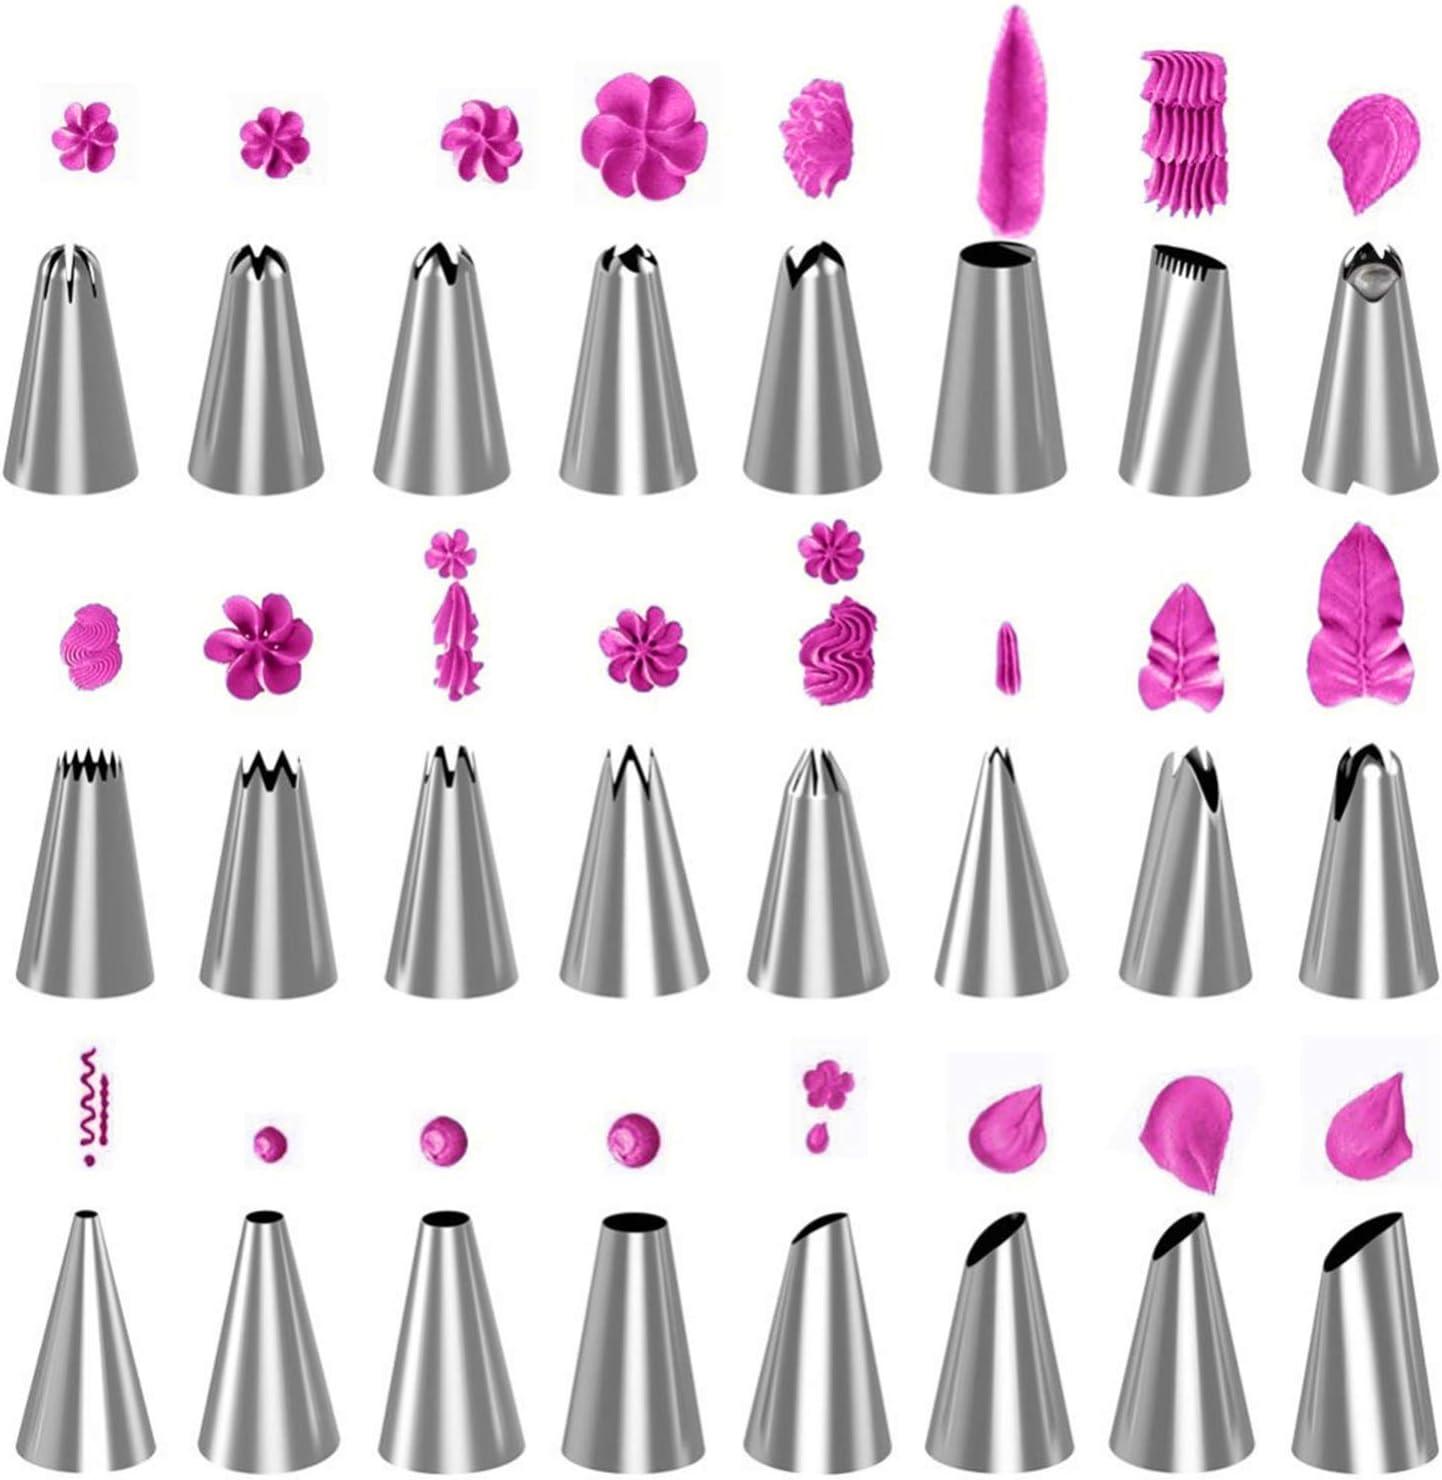 33 Pcs Libertepe Poches /à Douilles R/éutilisable Silicone Douille INOX 6//24 Formes Kit de P/âtisserie Professionnel 8//33 Pcs